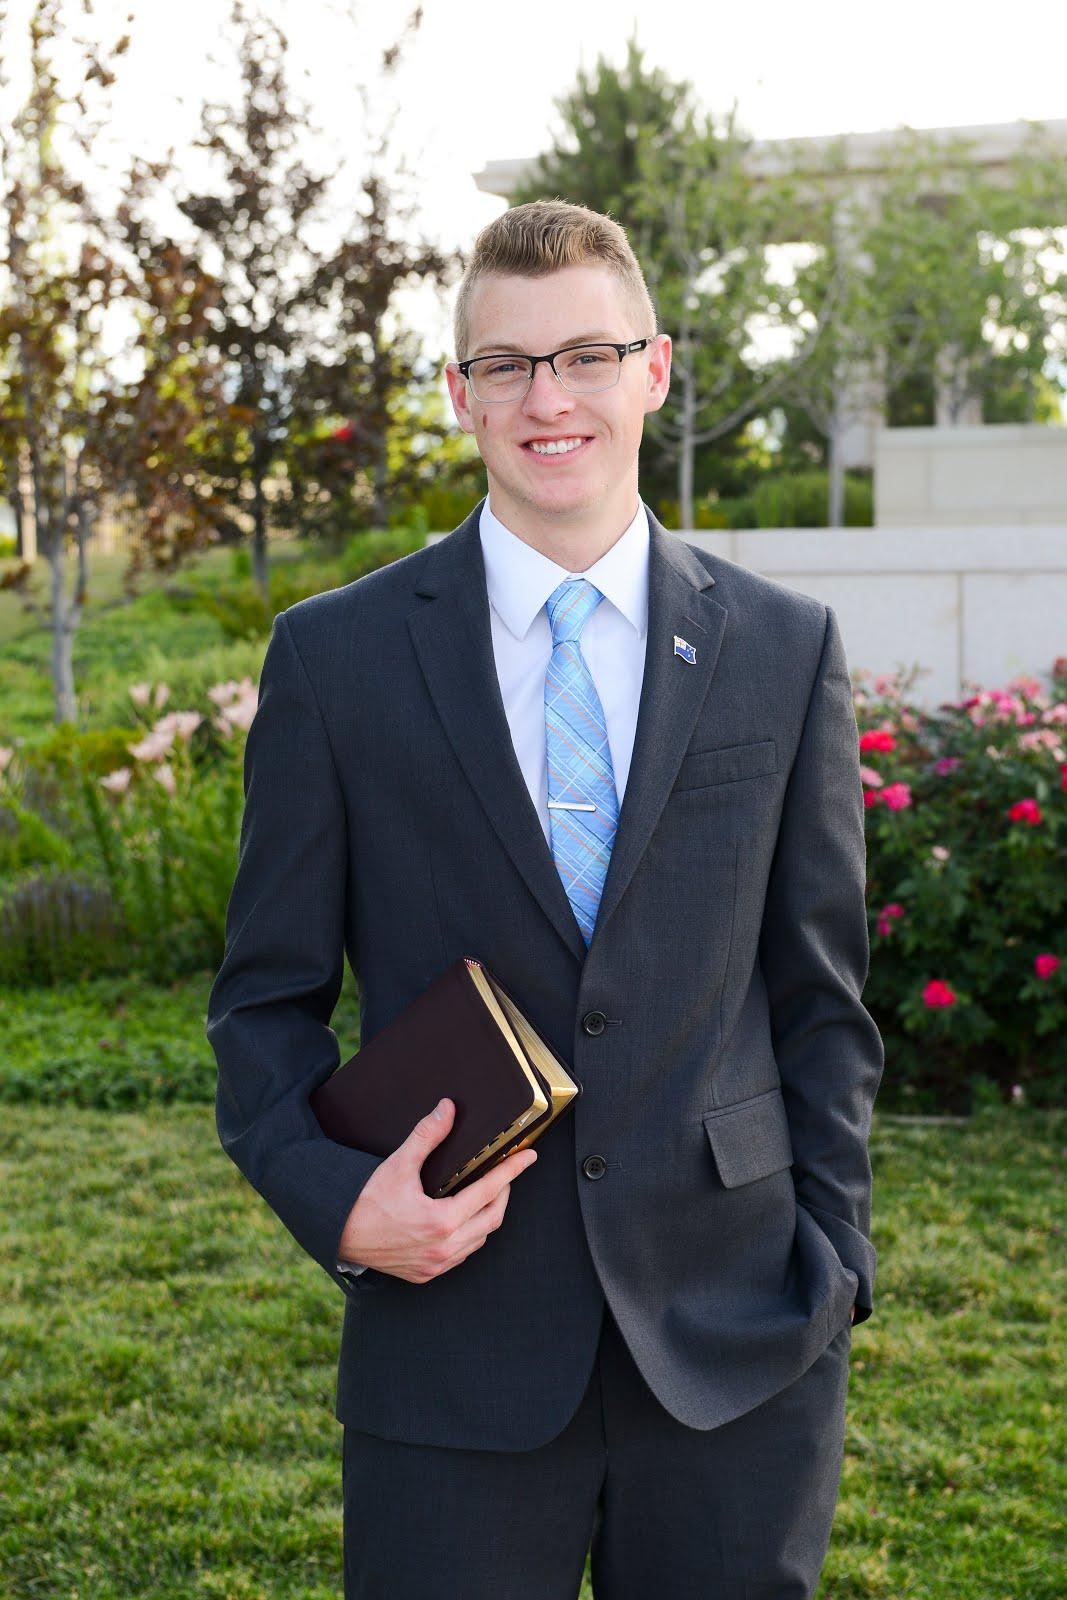 Elder Shannon